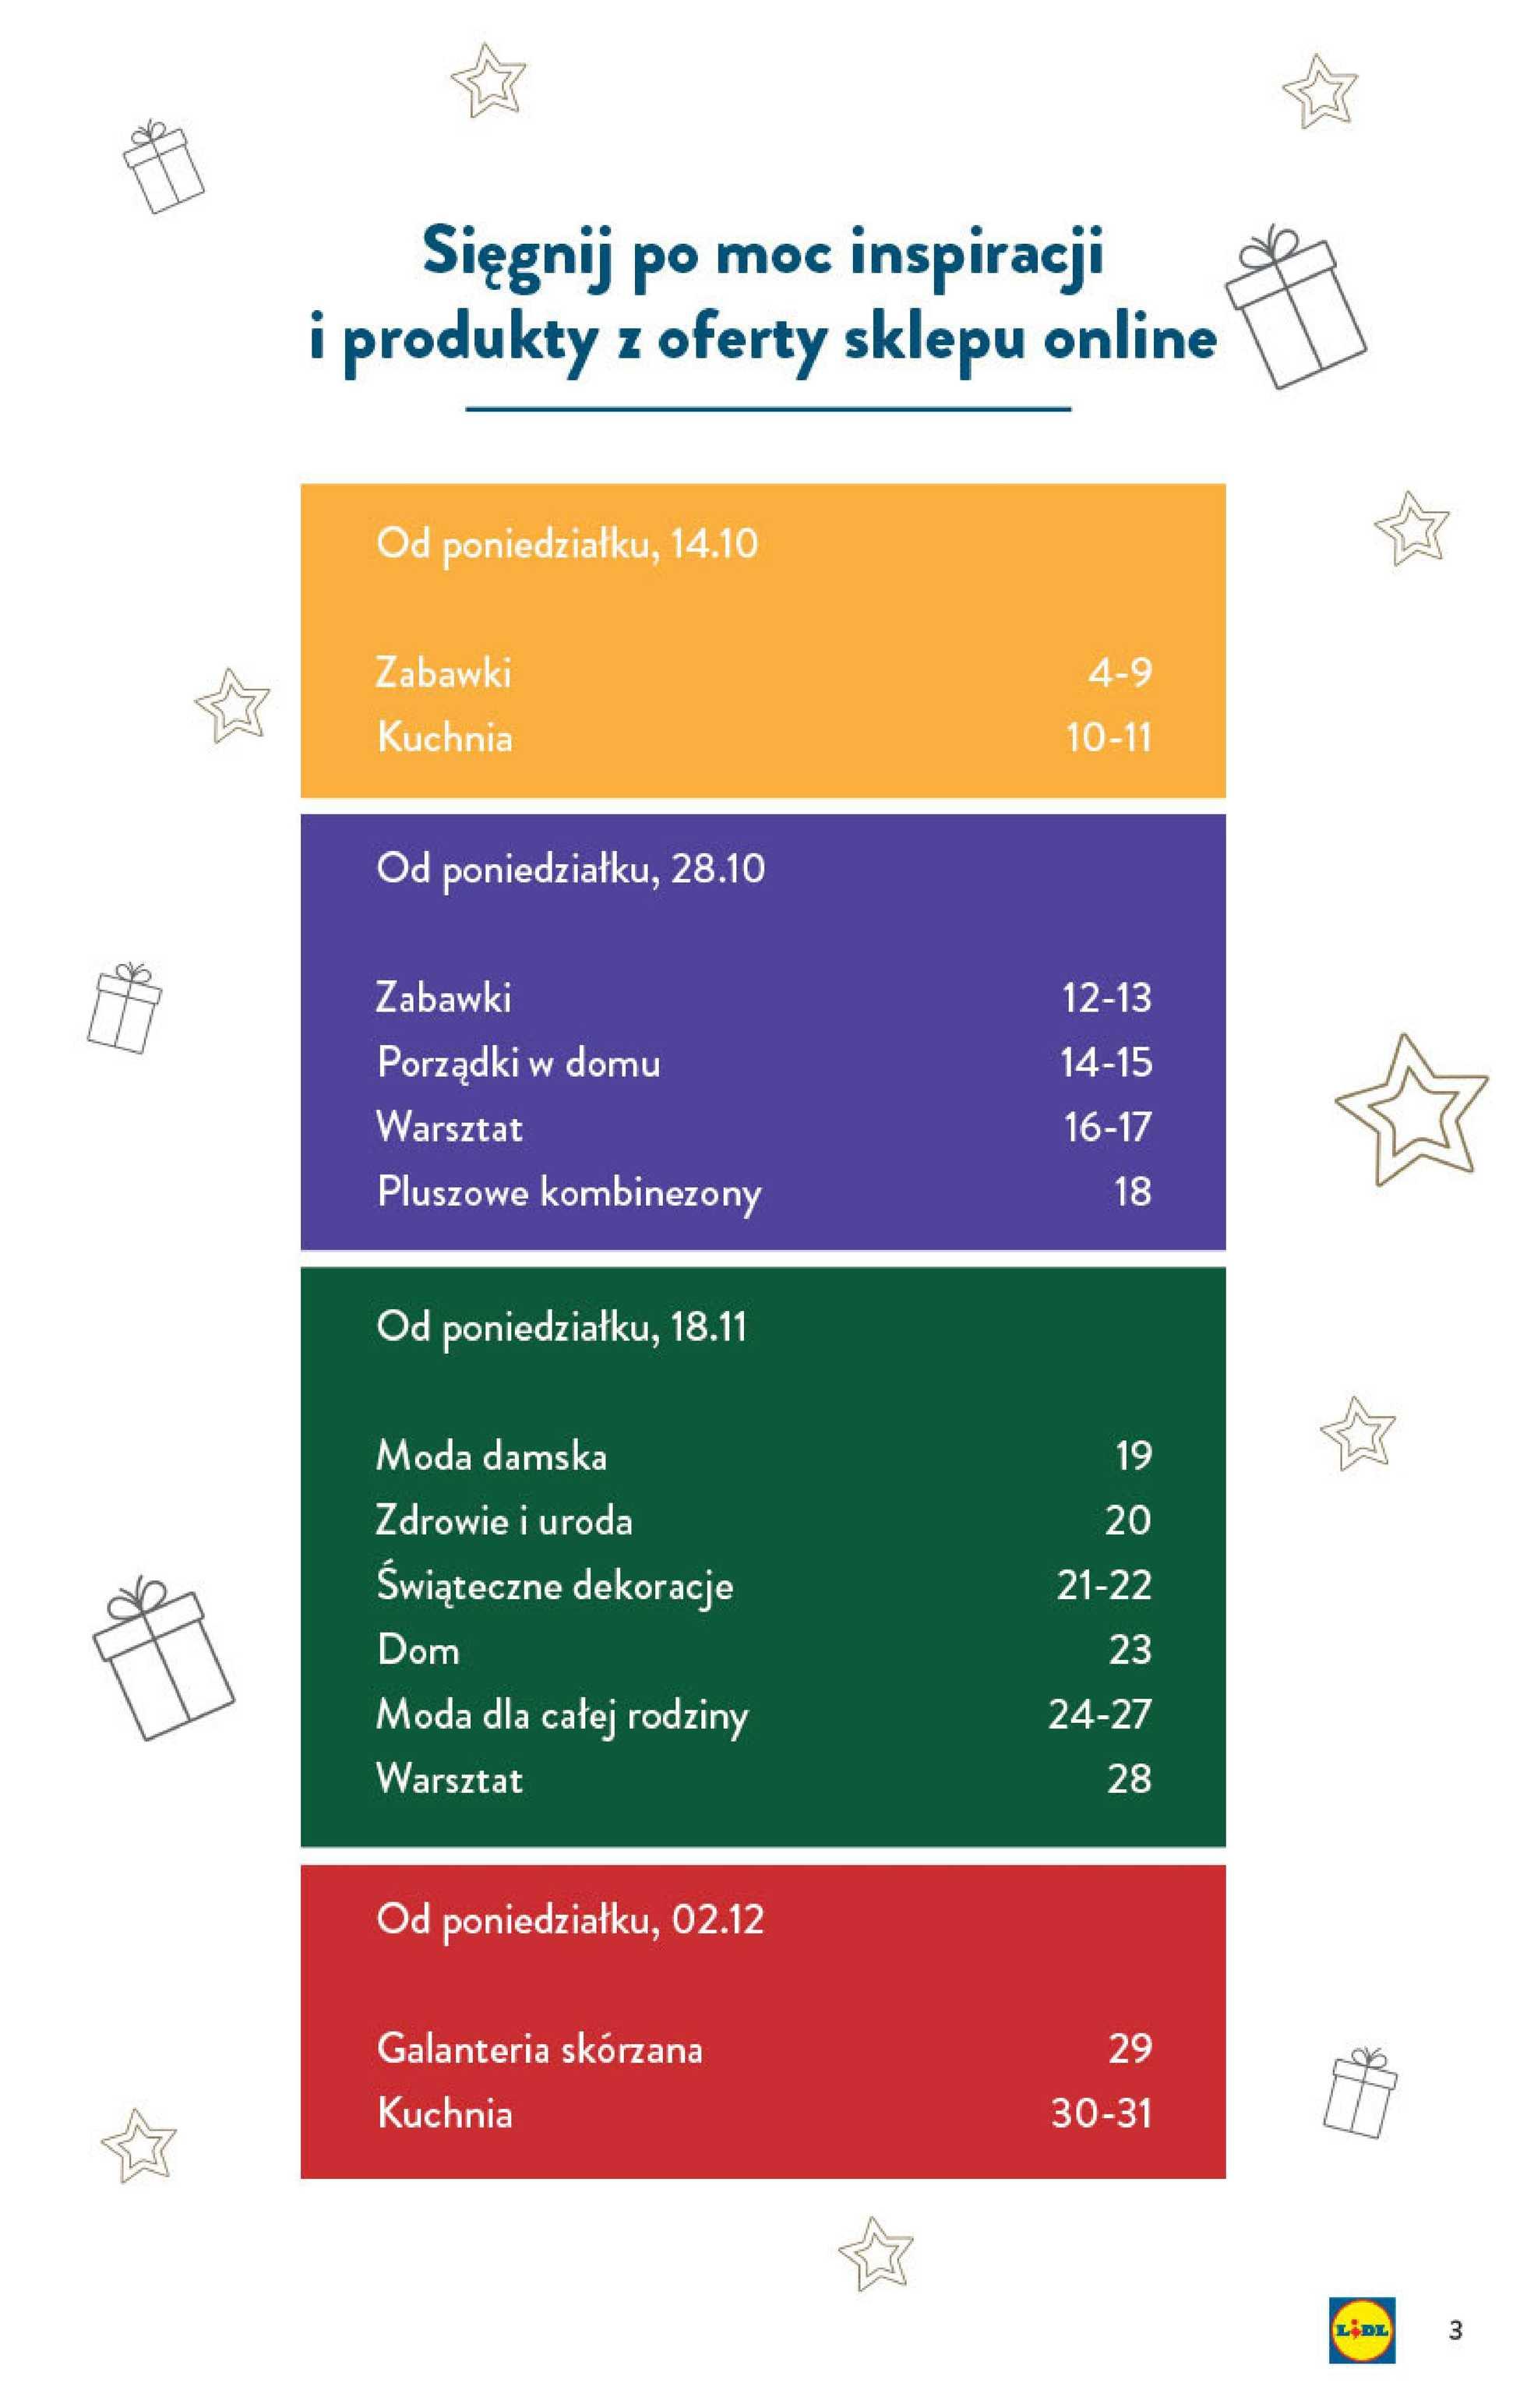 Lidl - gazetka promocyjna ważna od 14.10.2019 do 24.12.2019 - strona 3.